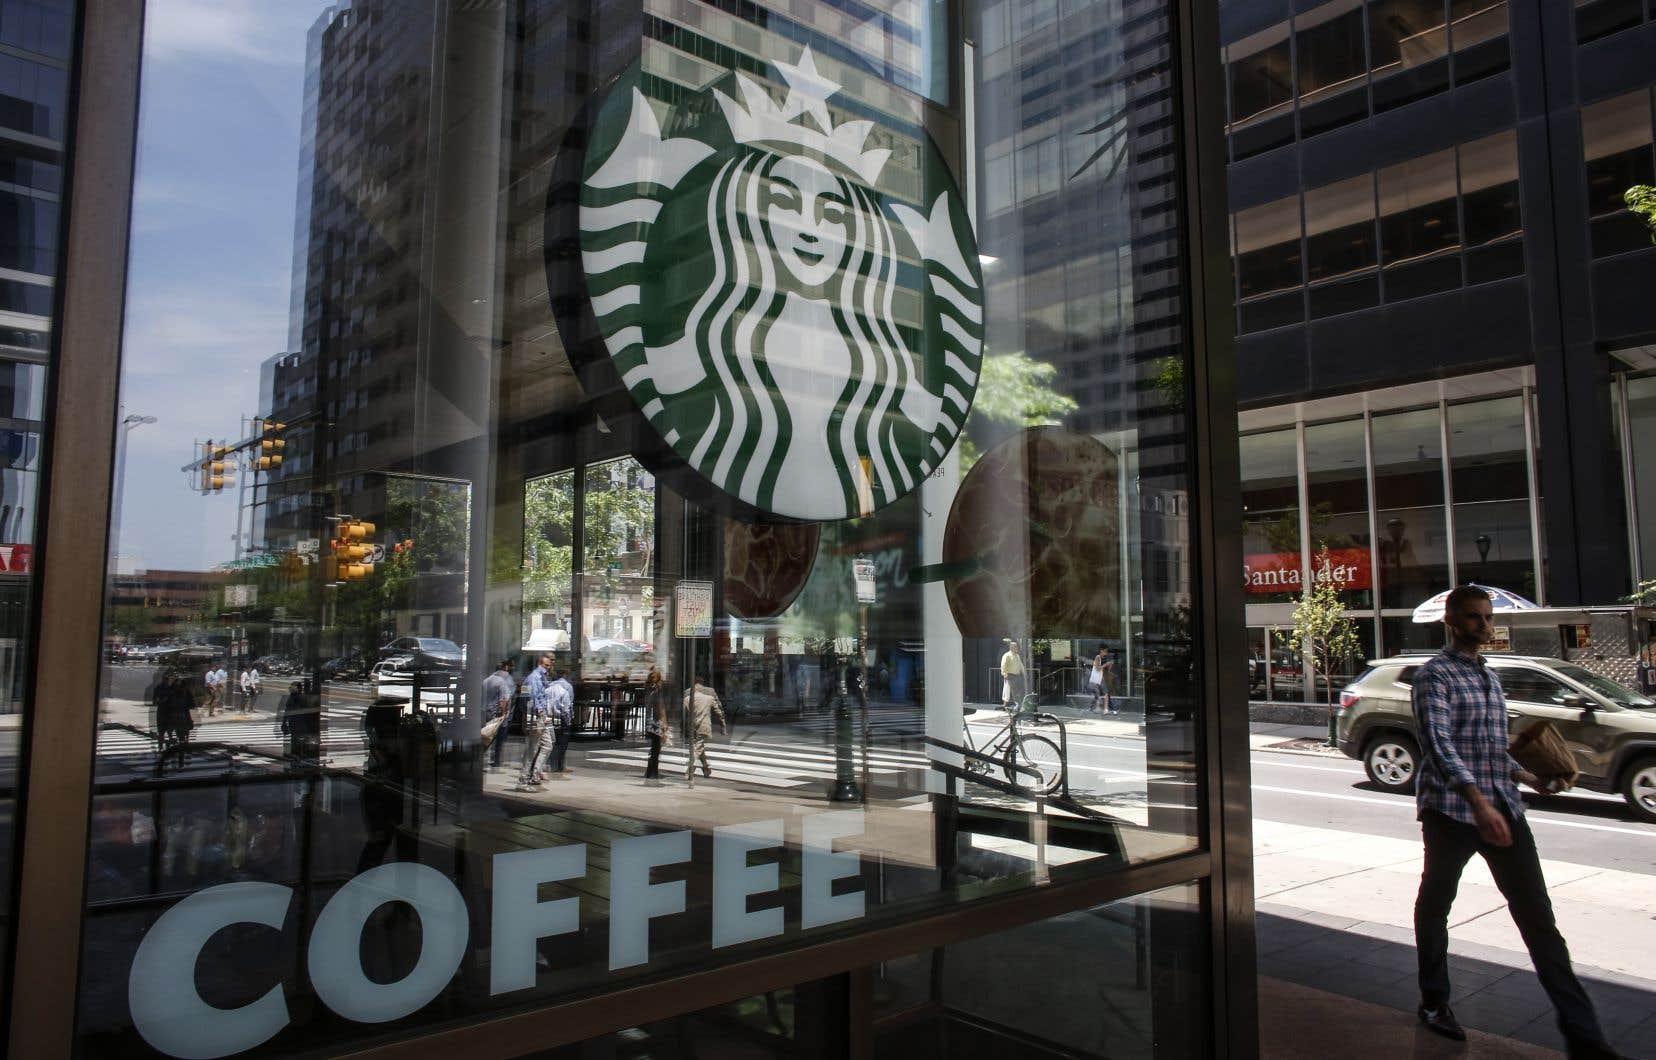 L'initiative de Starbucks doit mobiliser, quatre heures durant, quelque 175 000 employés.